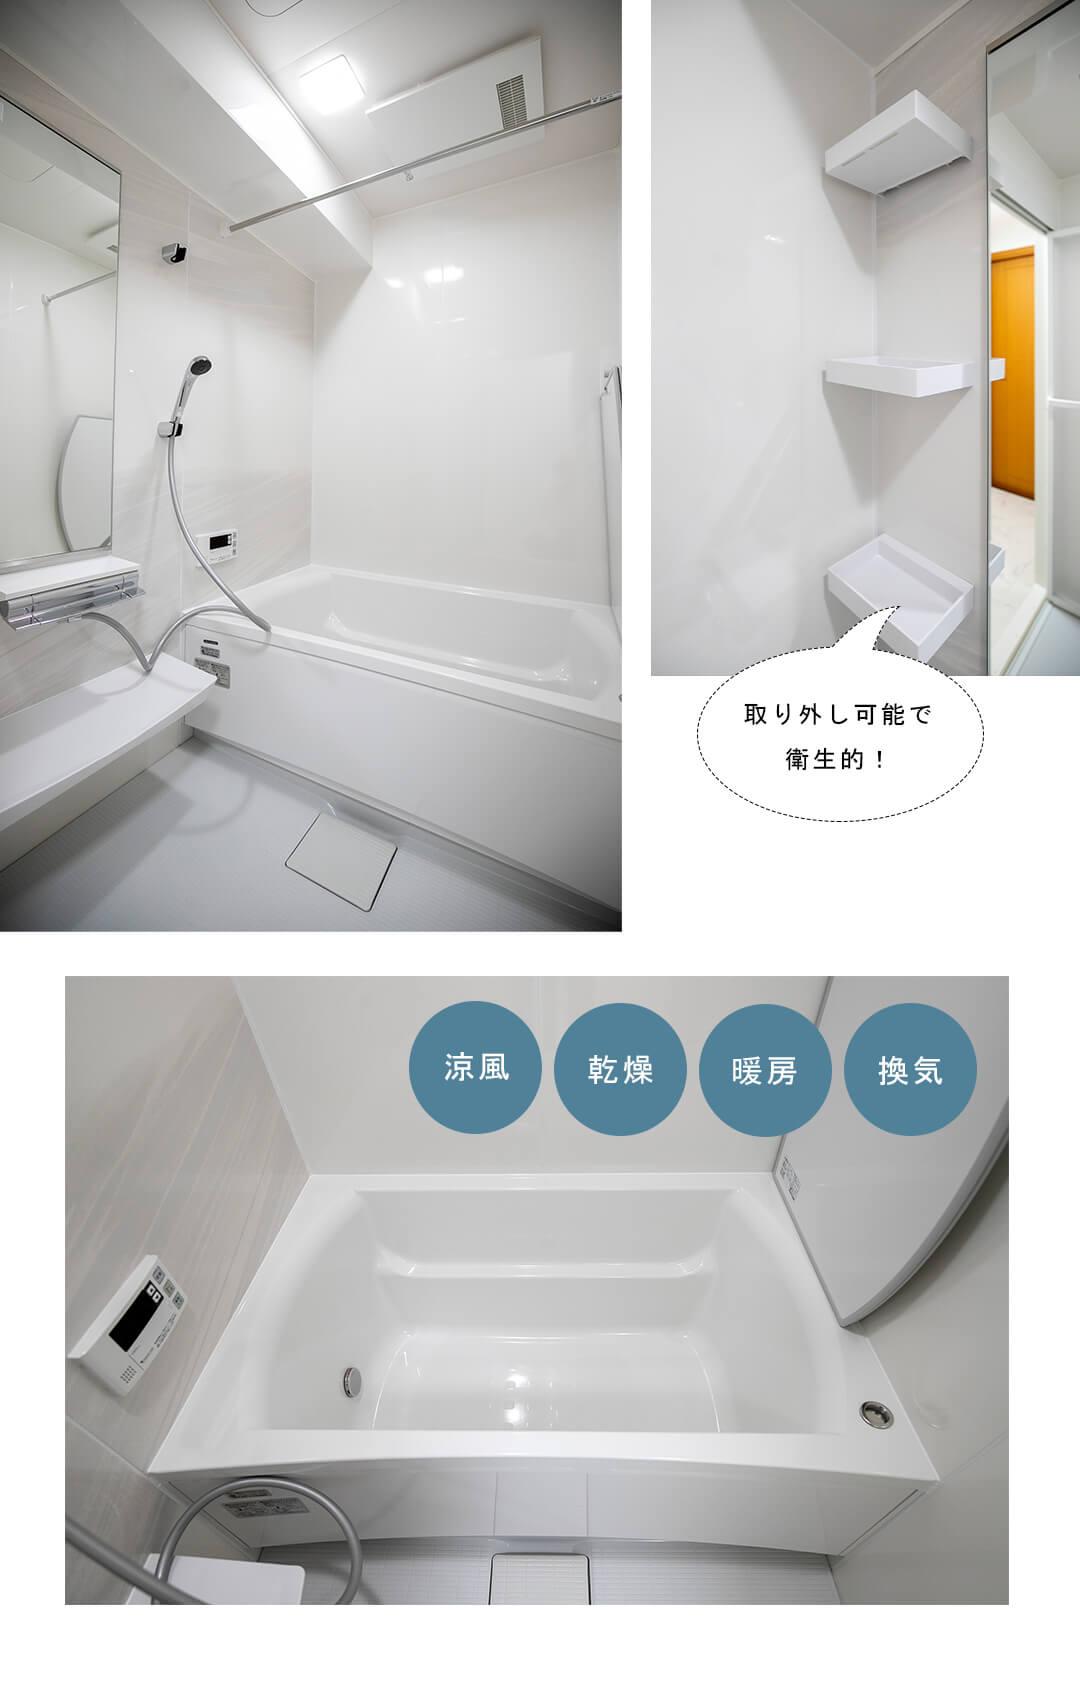 マイキャッスル池尻大橋の浴室